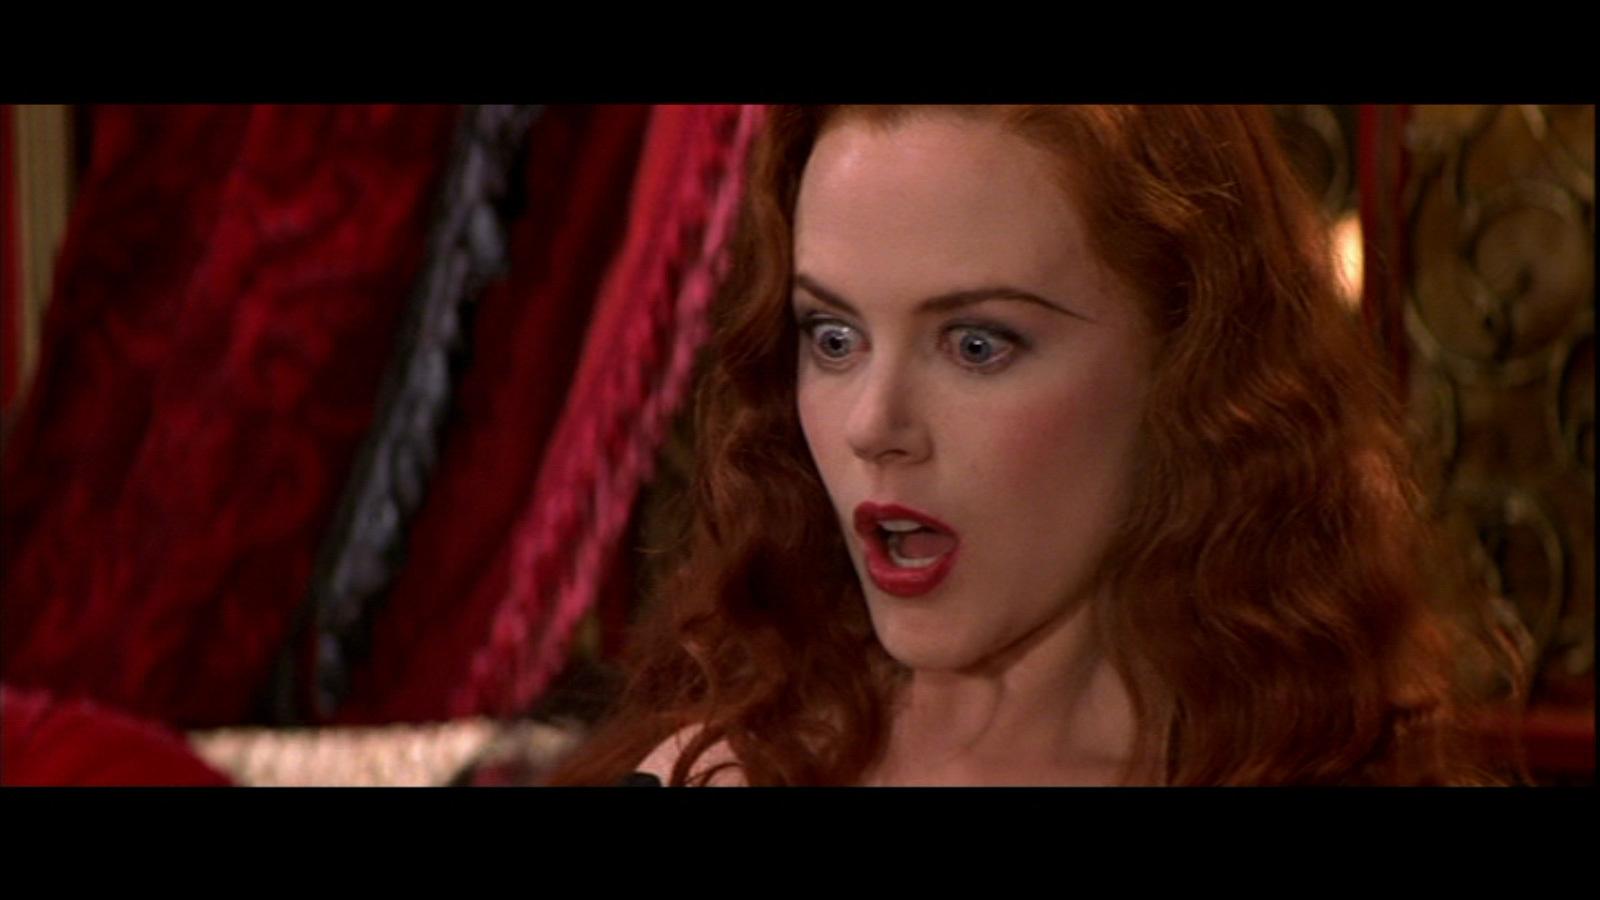 Moulin Rouge - Nicole Kidman Image (23186323) - Fanpop